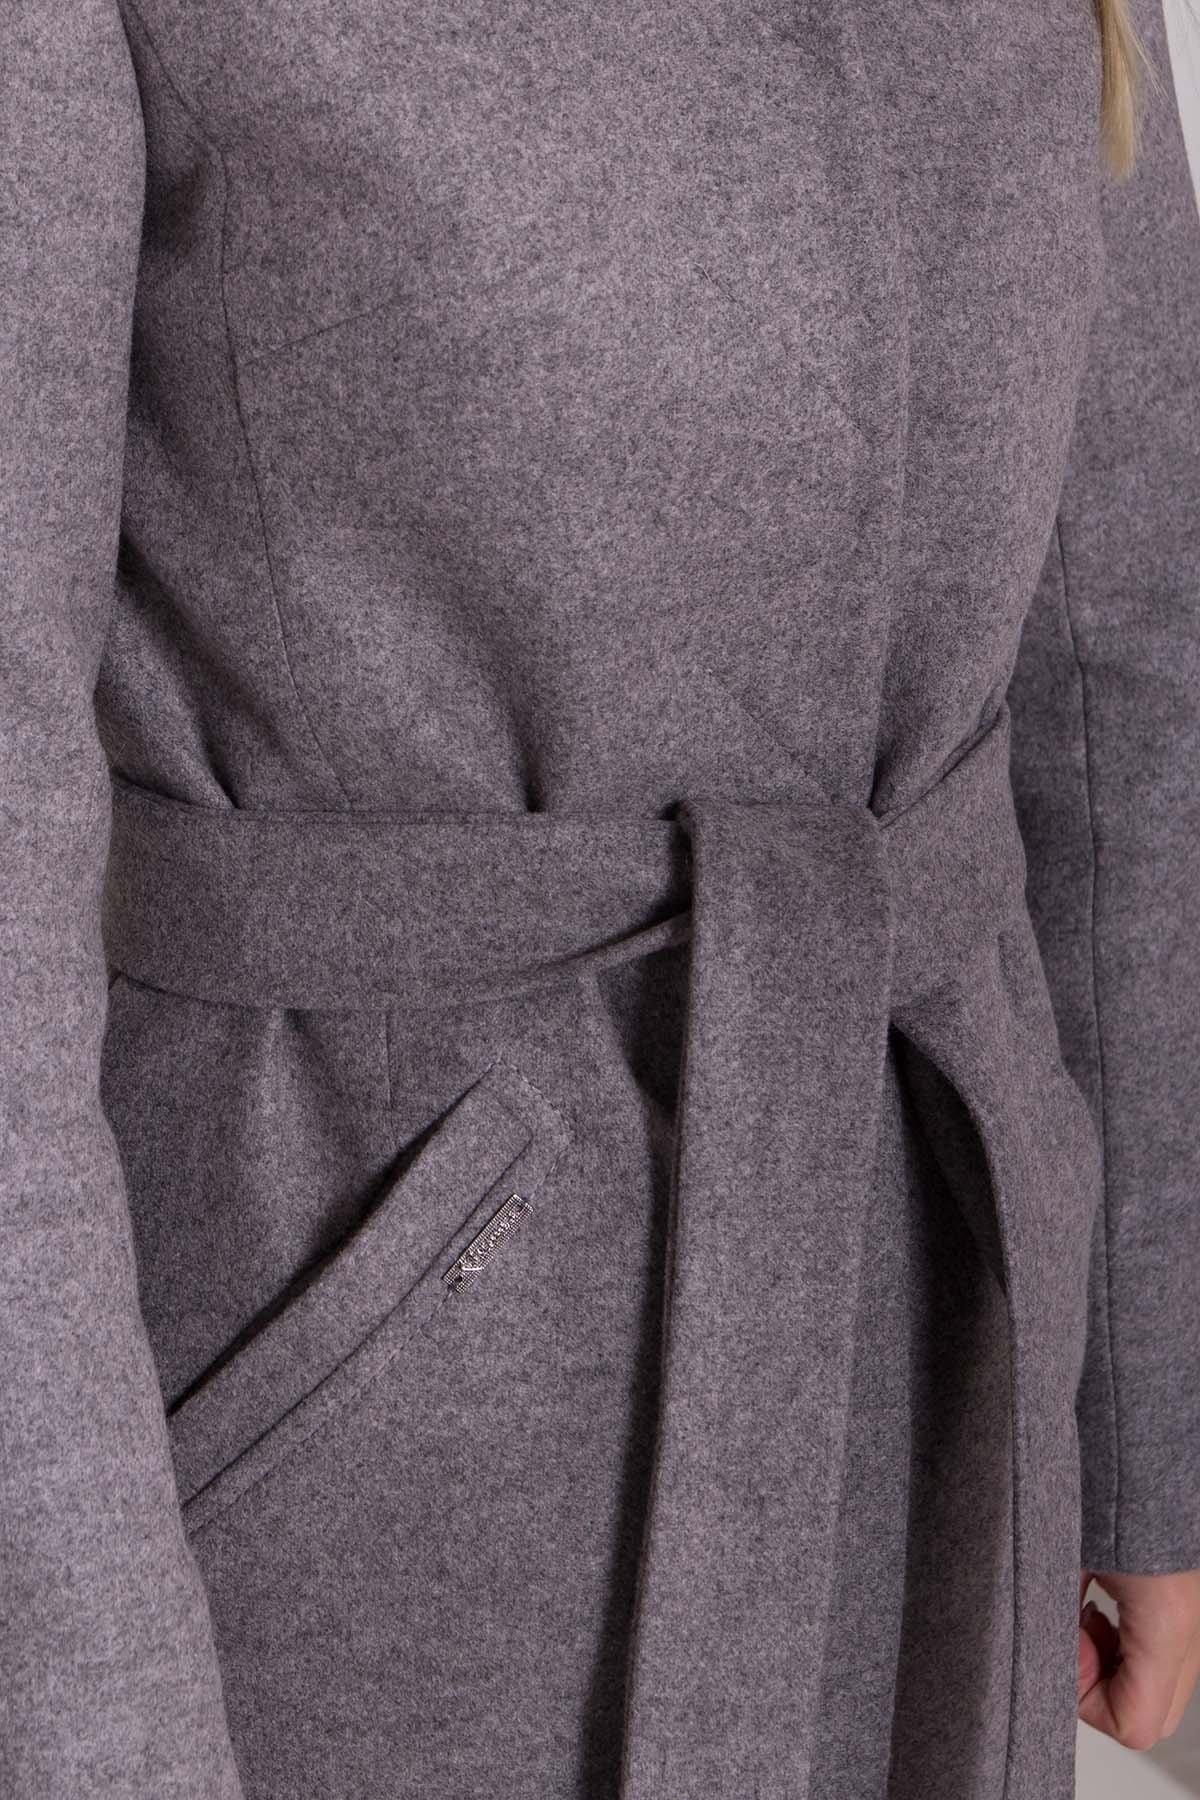 Утепленное пальто зима Люцея 8417 АРТ. 44667 Цвет: Карамель 20/1 - фото 6, интернет магазин tm-modus.ru